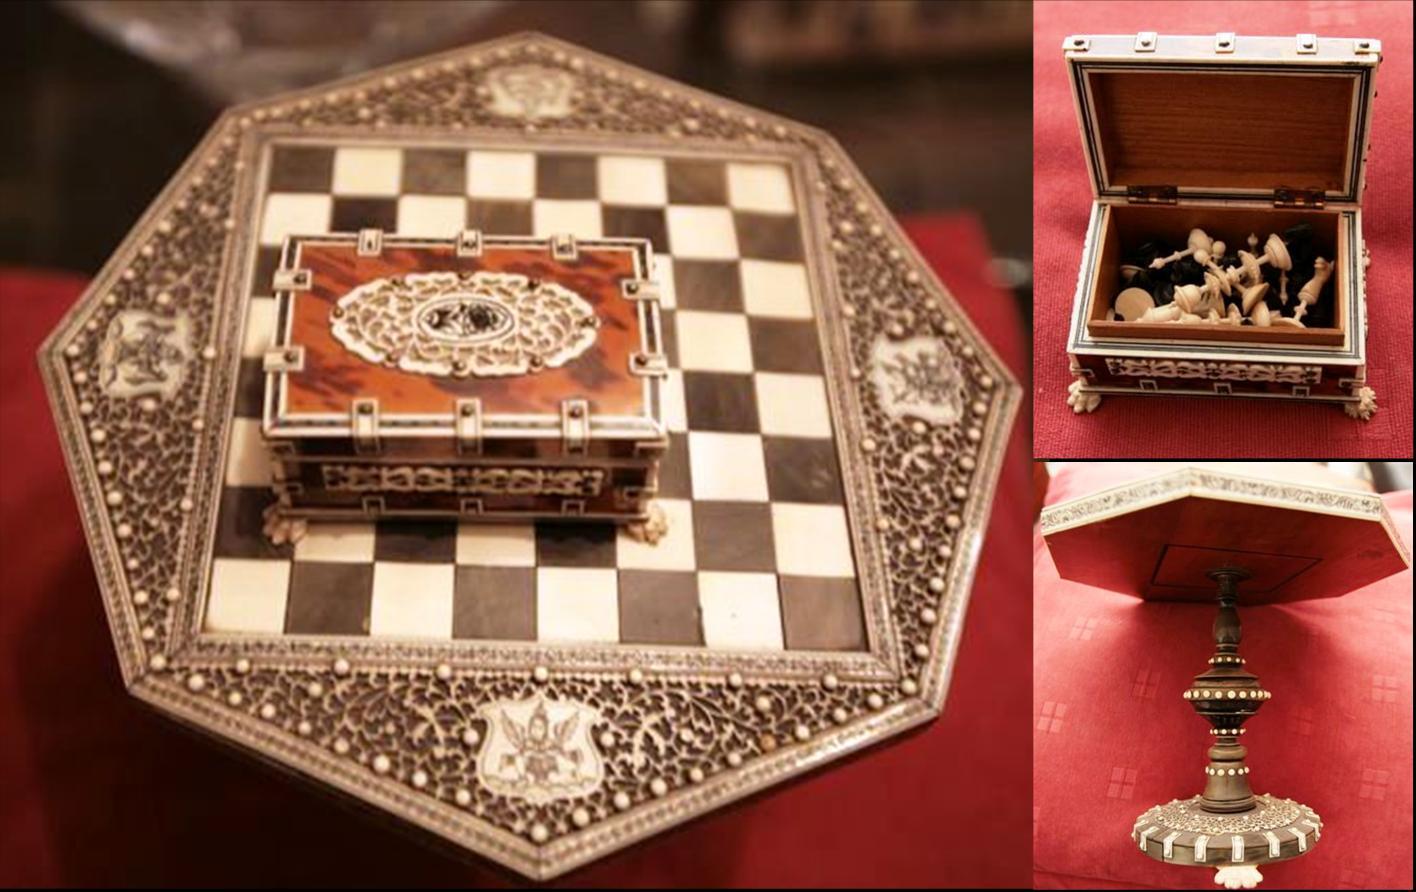 & Miniature Vizagapatham Chess Set Table and Box